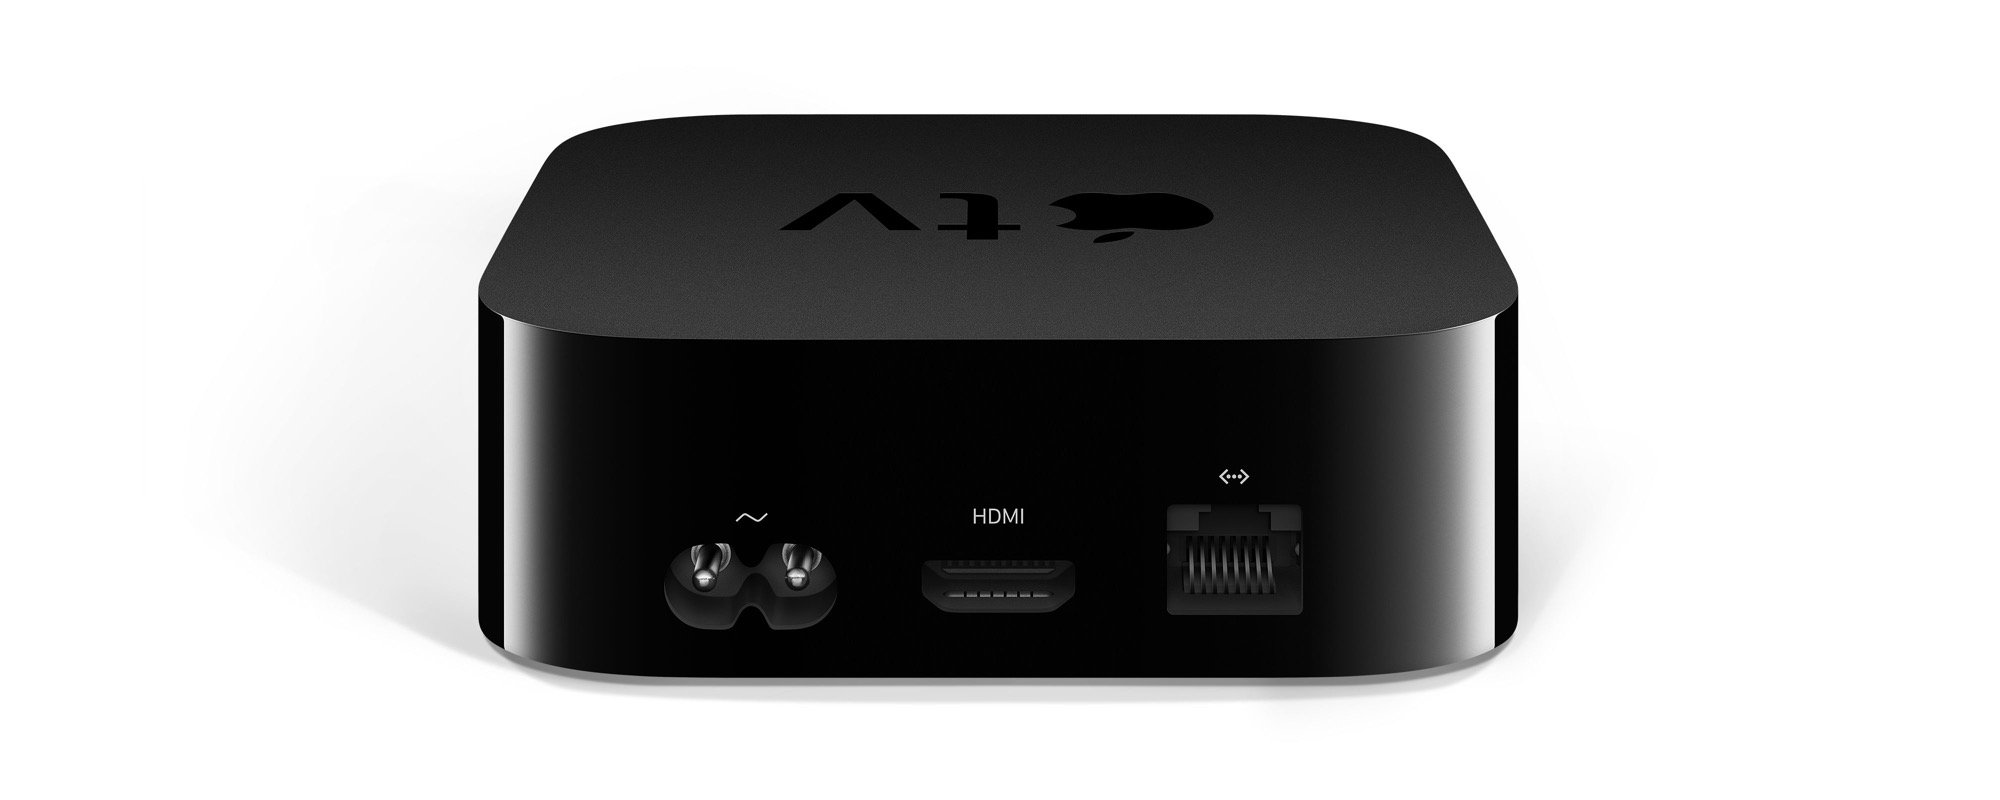 Az Apple TV 4K hátoldala HDMI 2.0 csatlakozóval